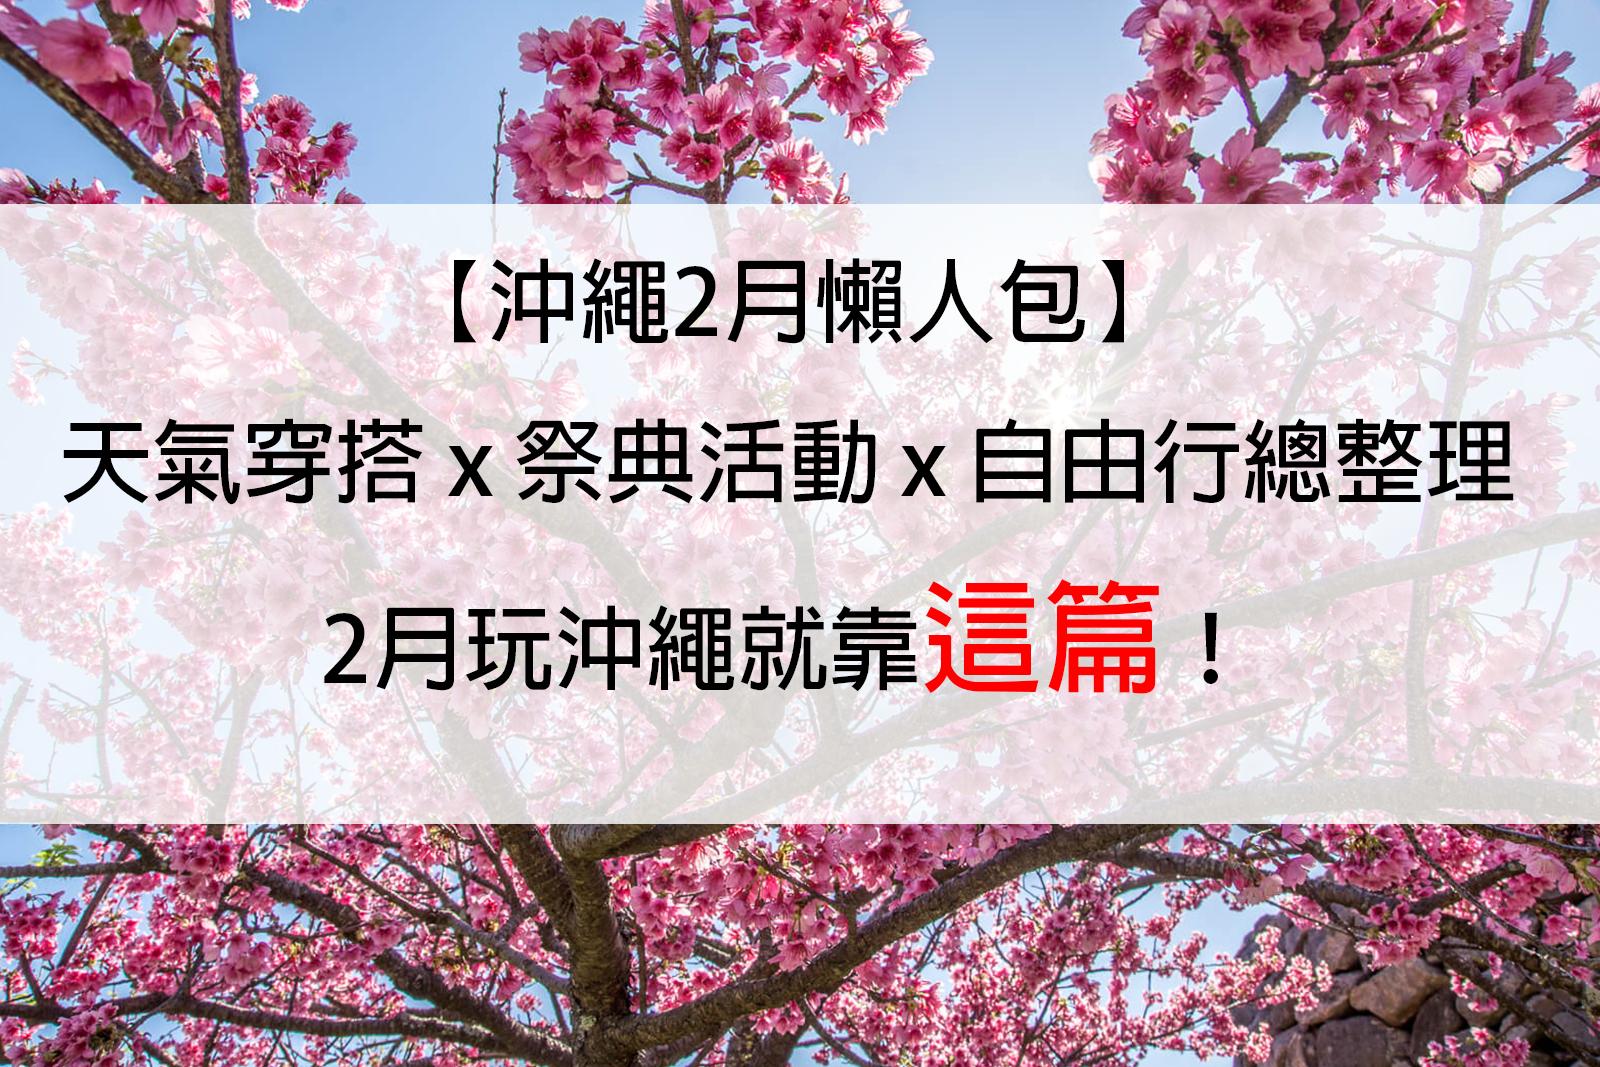 沖繩|在地人的2月天氣x祭典活動x自由行【2020年總整理】